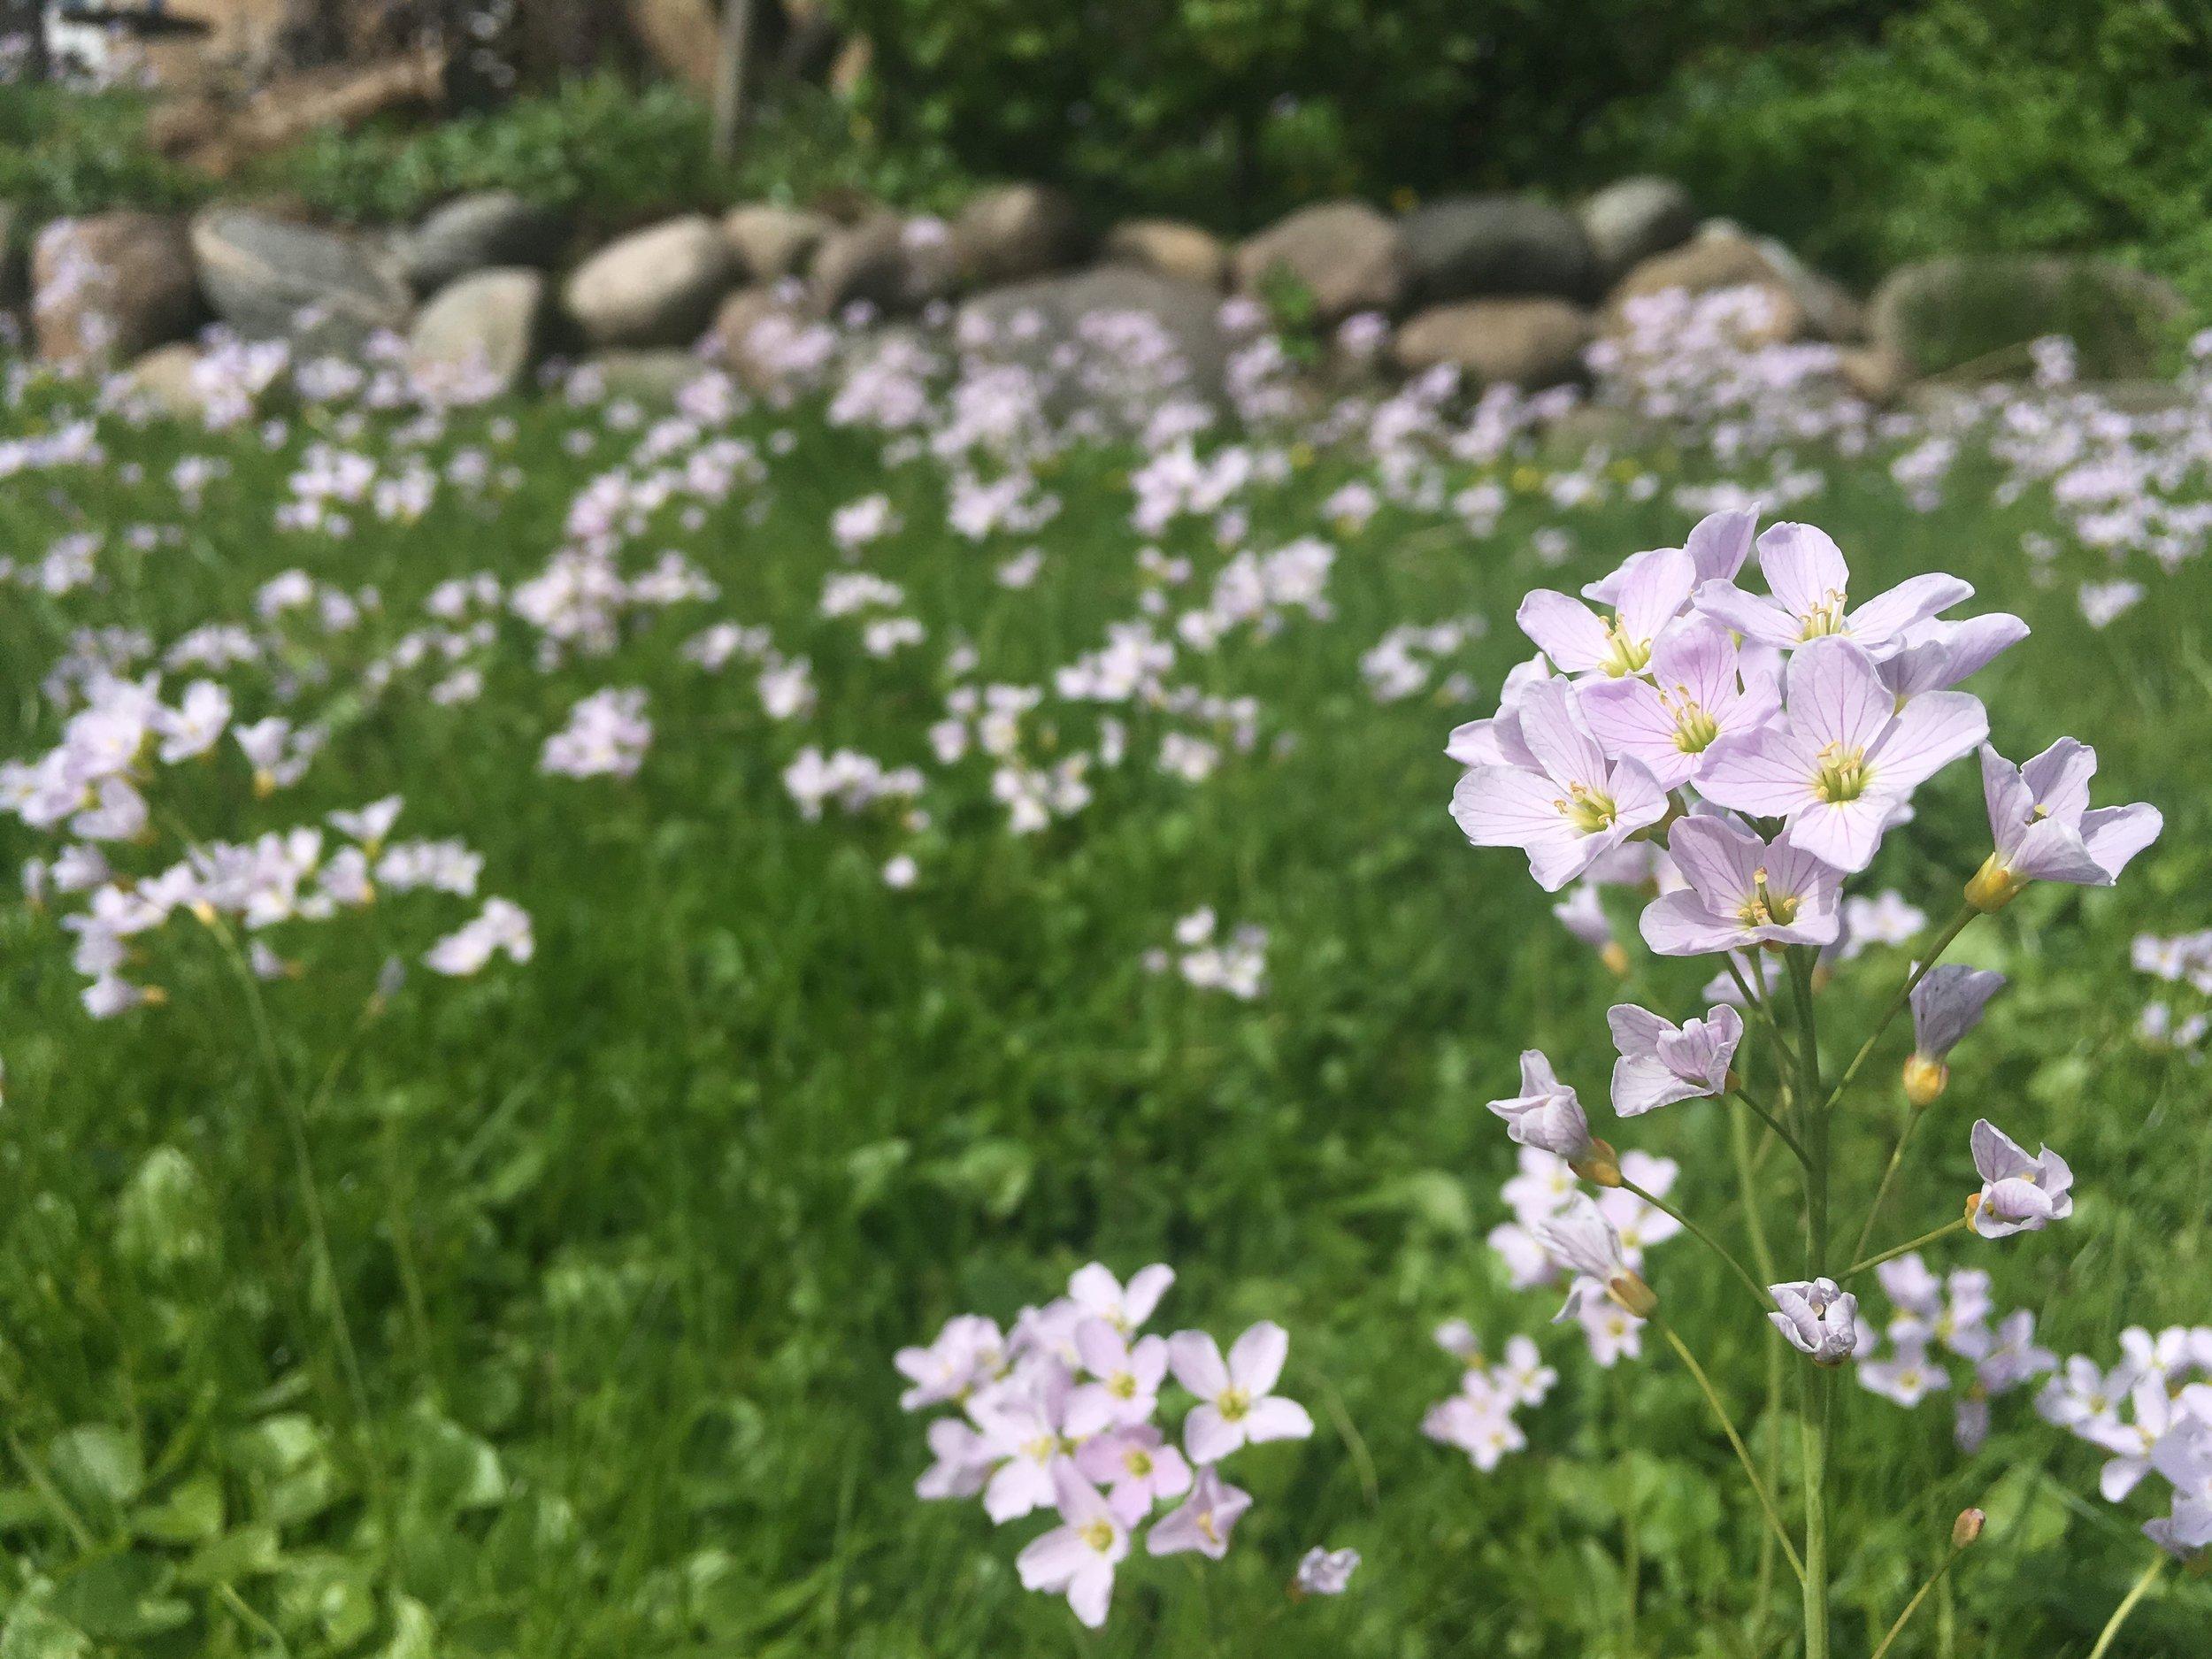 Engkarse i græsplænen. Nogle højtspecialiserede sommerfuglelarver lever af dem, og de er da så fine.